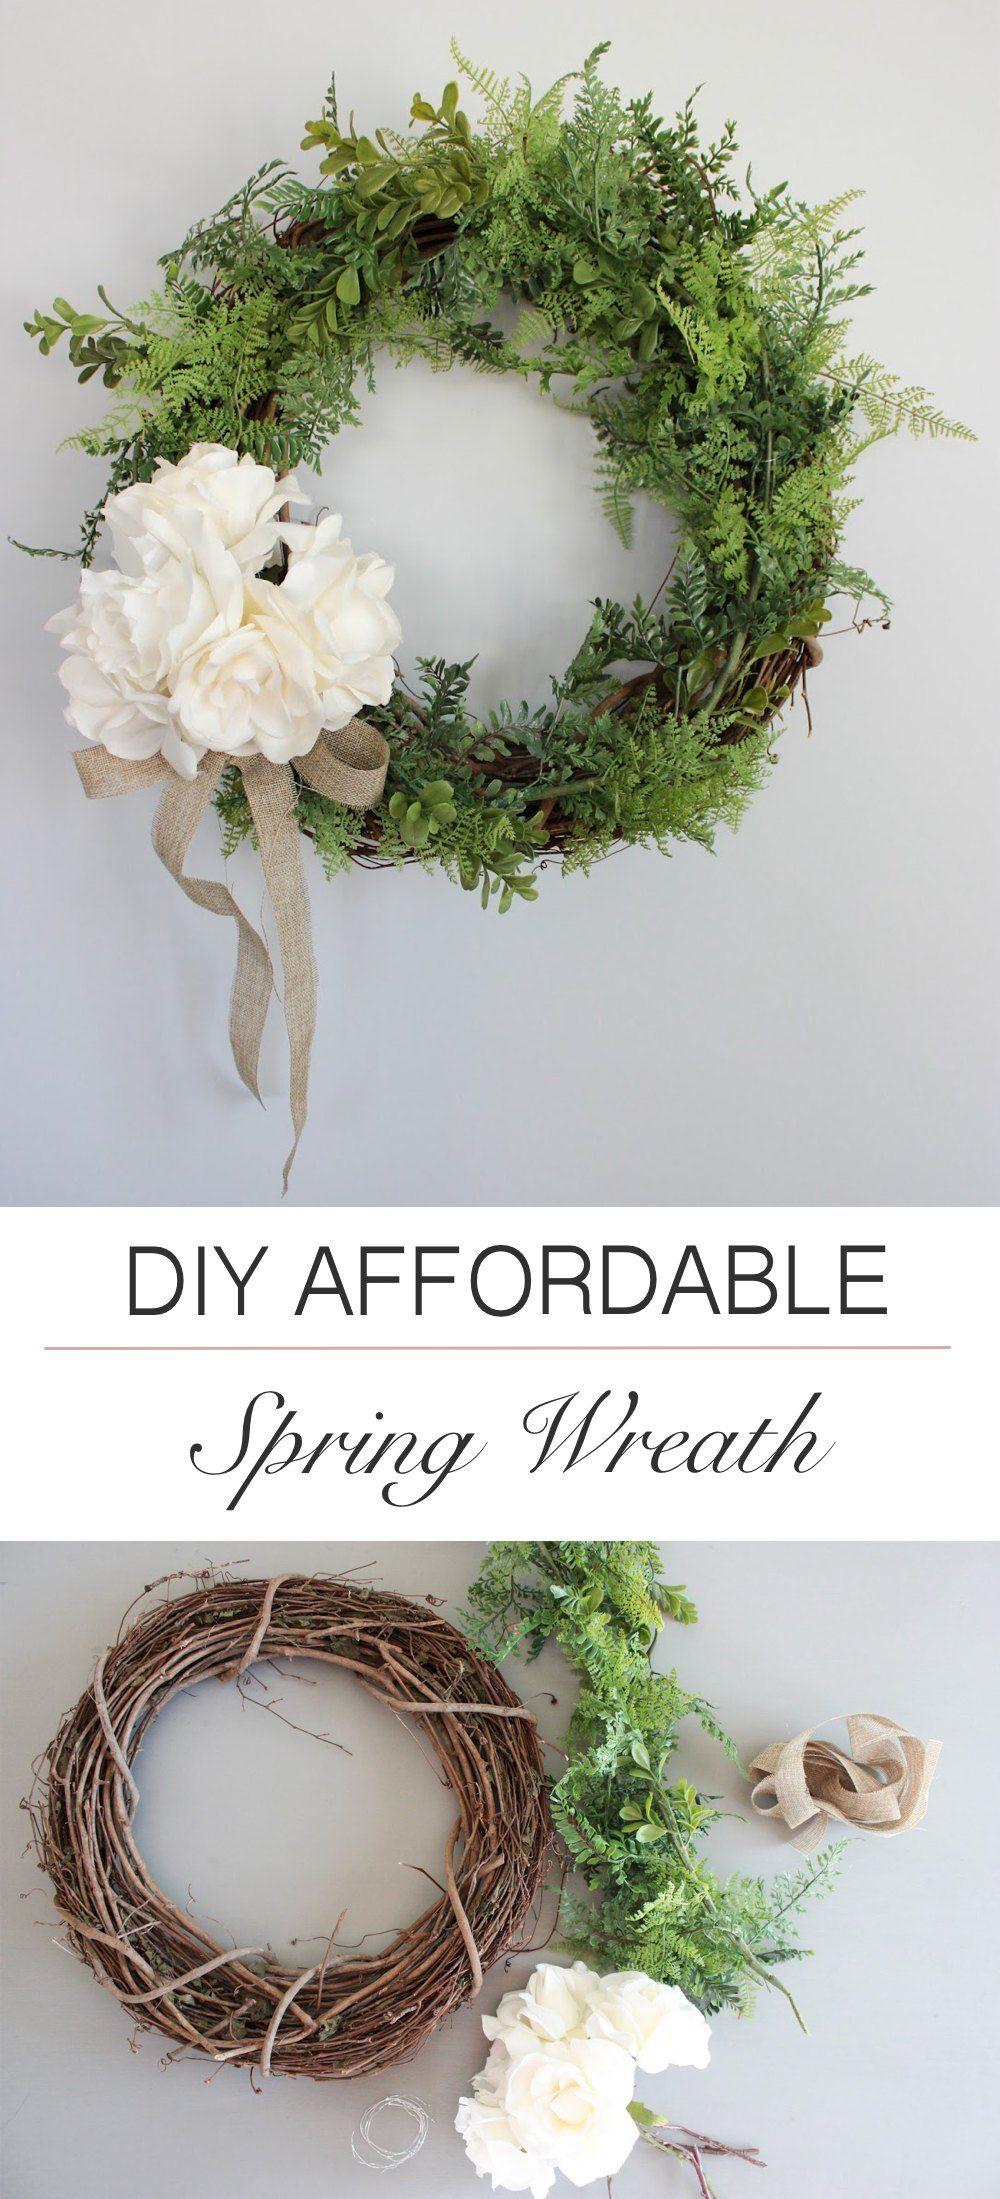 15 Creative Diy Spring Wreath Ideas To Brighten Your Door Inexpensive Wreaths Diy Spring Wreath Spring Diy